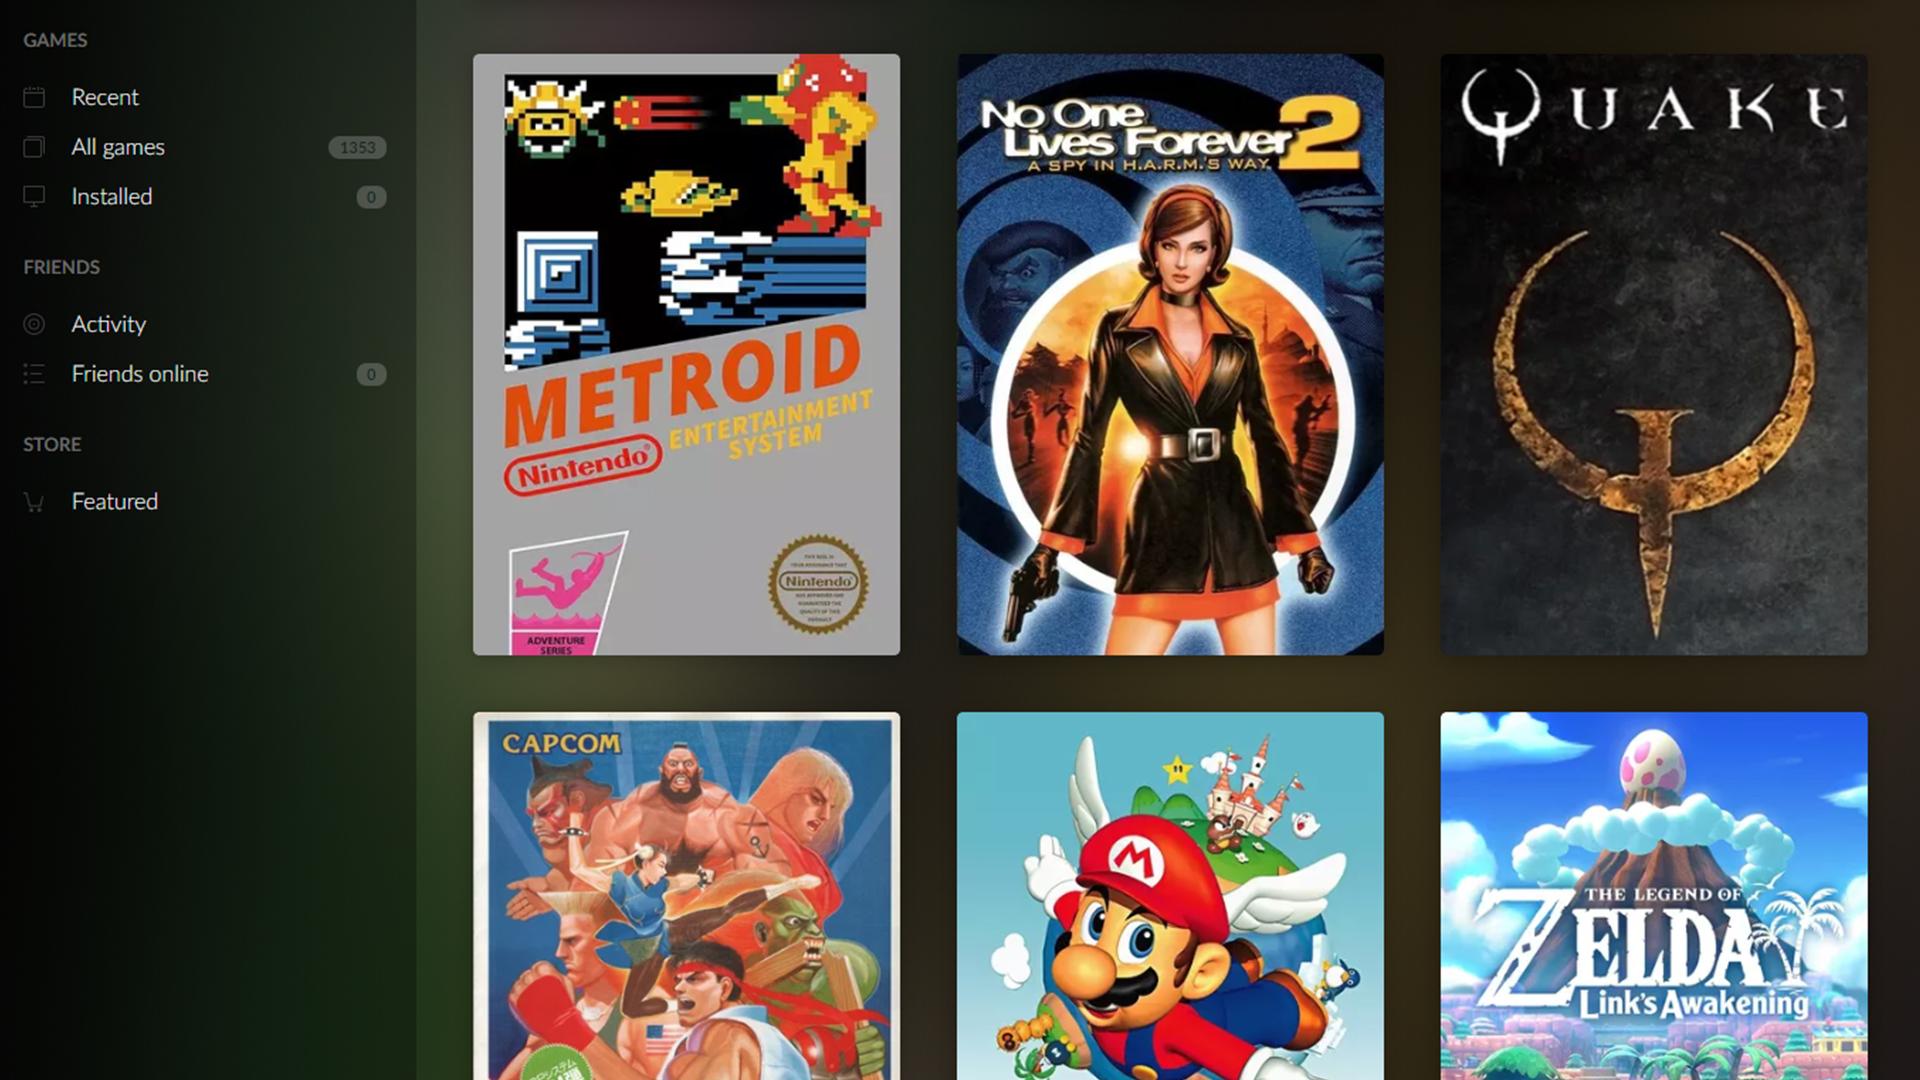 GOG Galaxy 2.0 prend désormais en charge «pratiquement tous les jeux existants», de Steam à NES.  GOG Galaxy 2.0 prend désormais en charge «pratiquement tous les jeux existants», de Steam à NES. gog galaxy 2